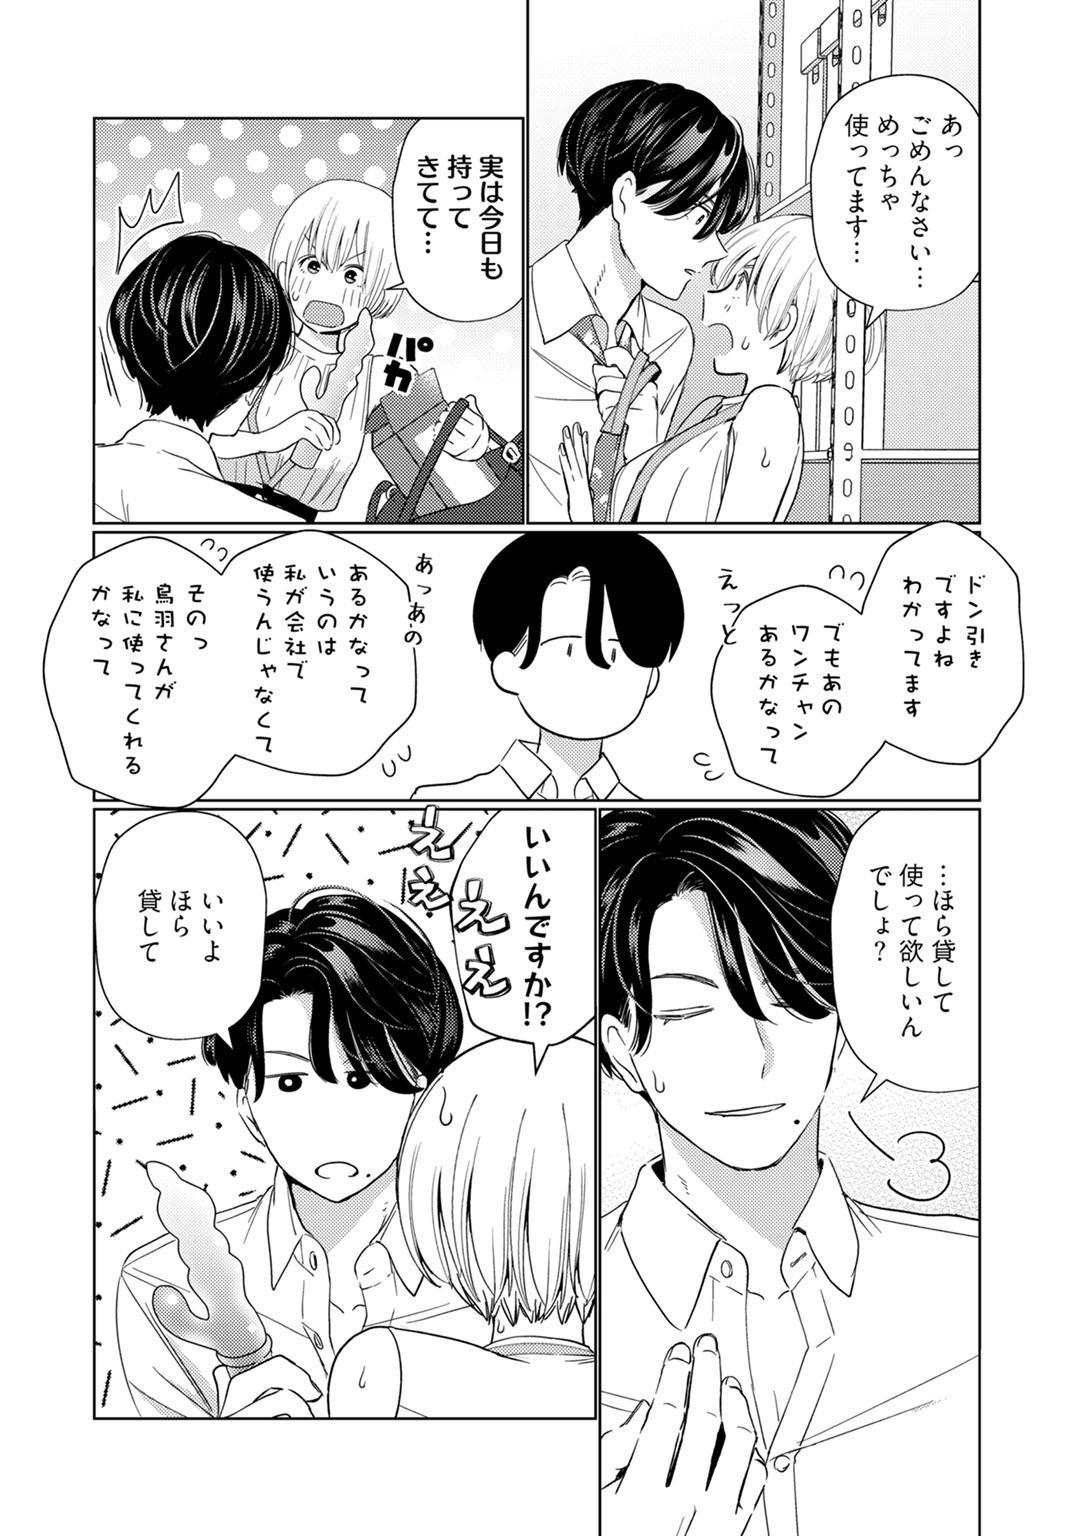 [Okonogi Happa] Kyonyuu-chan to Kyokon Joushi -Kaisha de Musabori Sex- act. 2 25